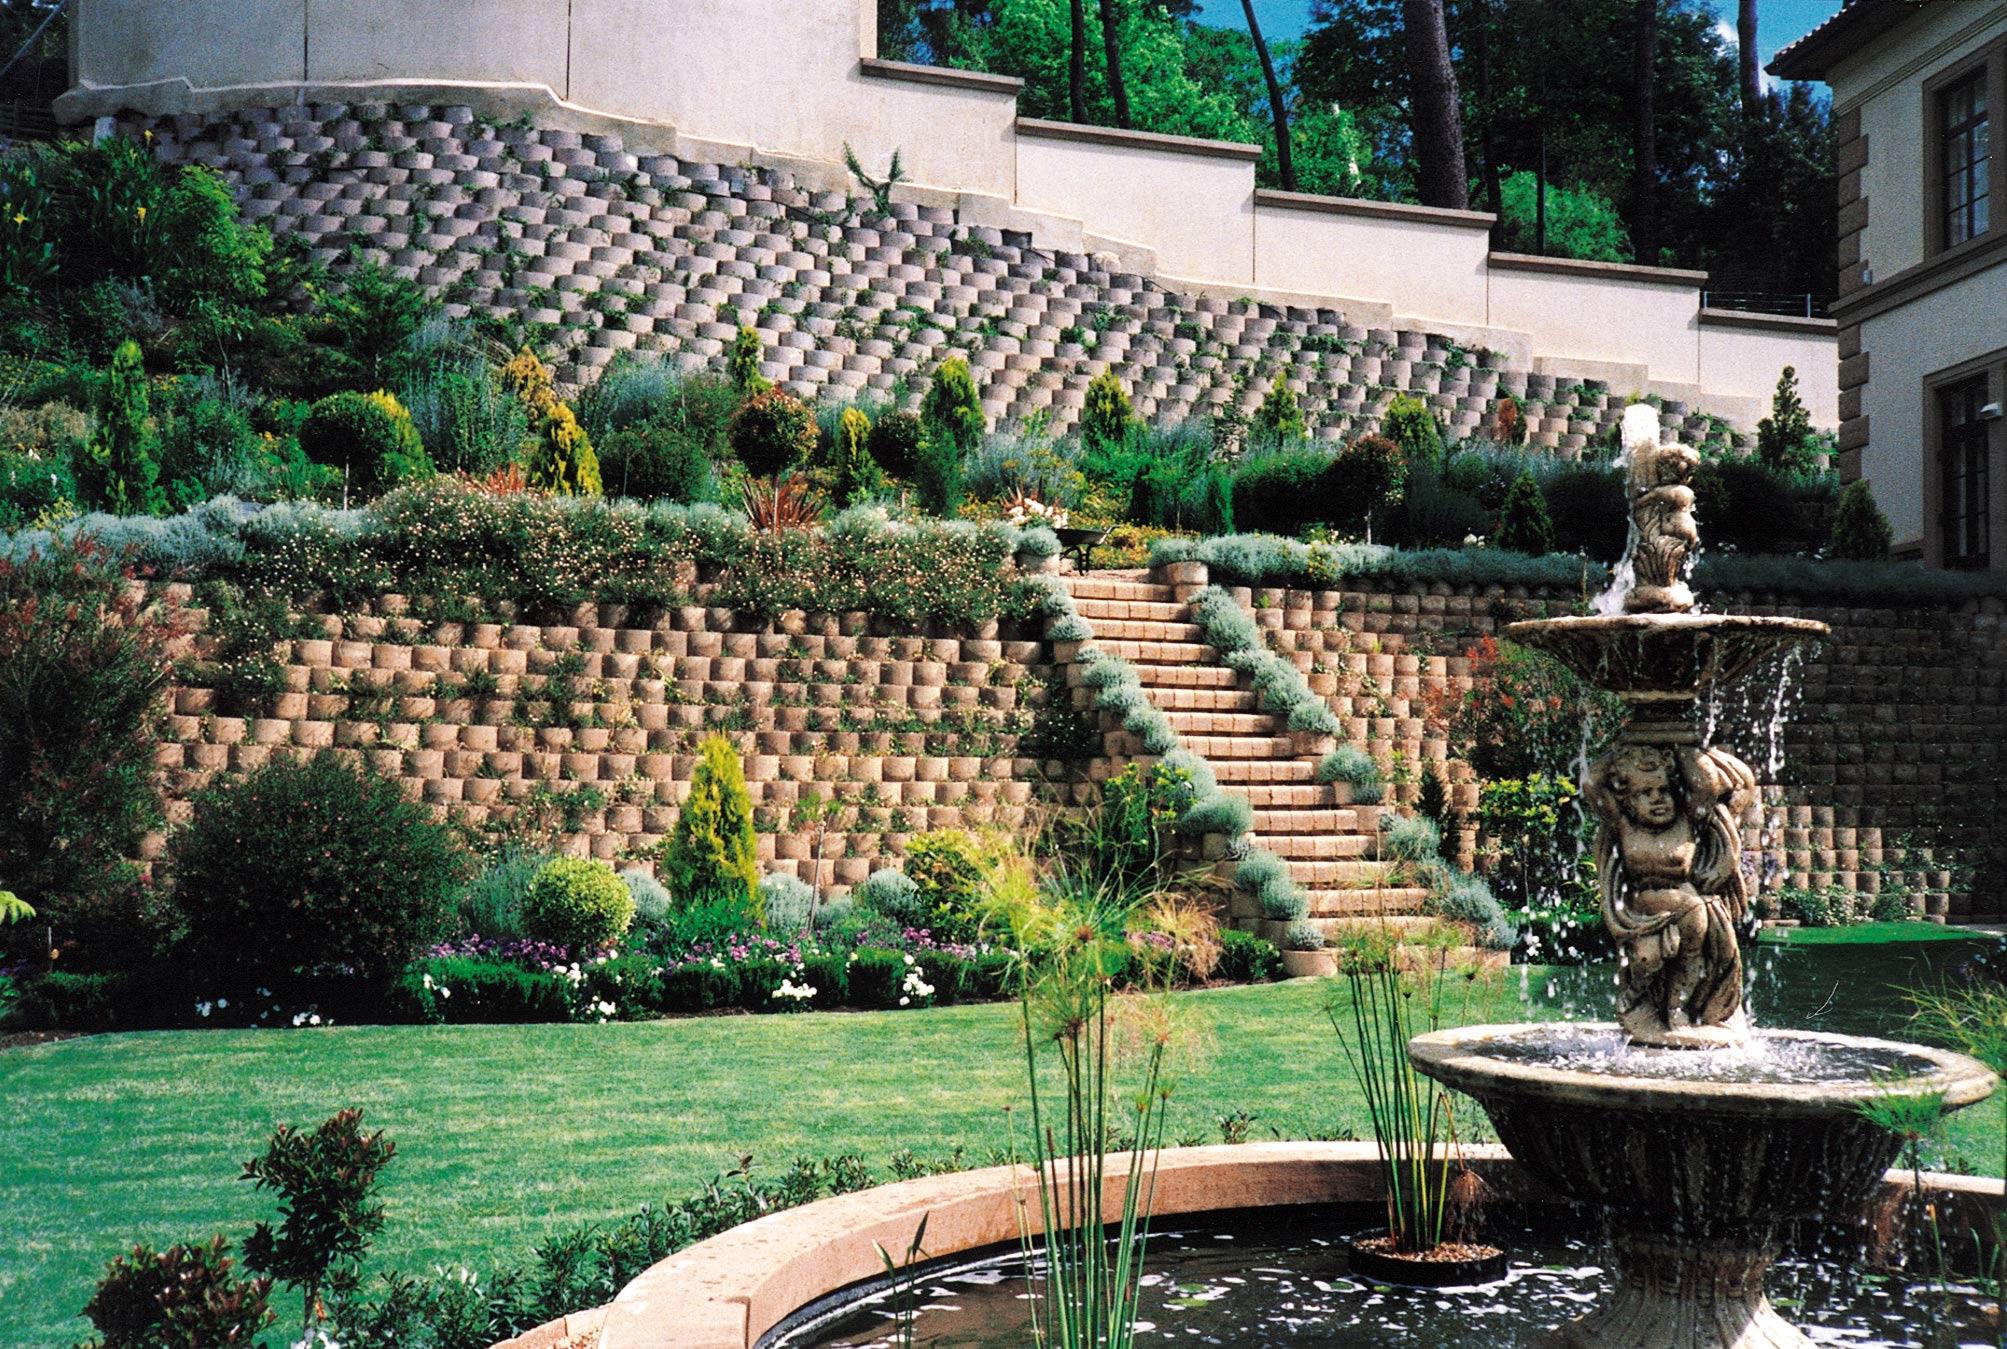 1998 CMA Award Winner in the Retaining Wall Category